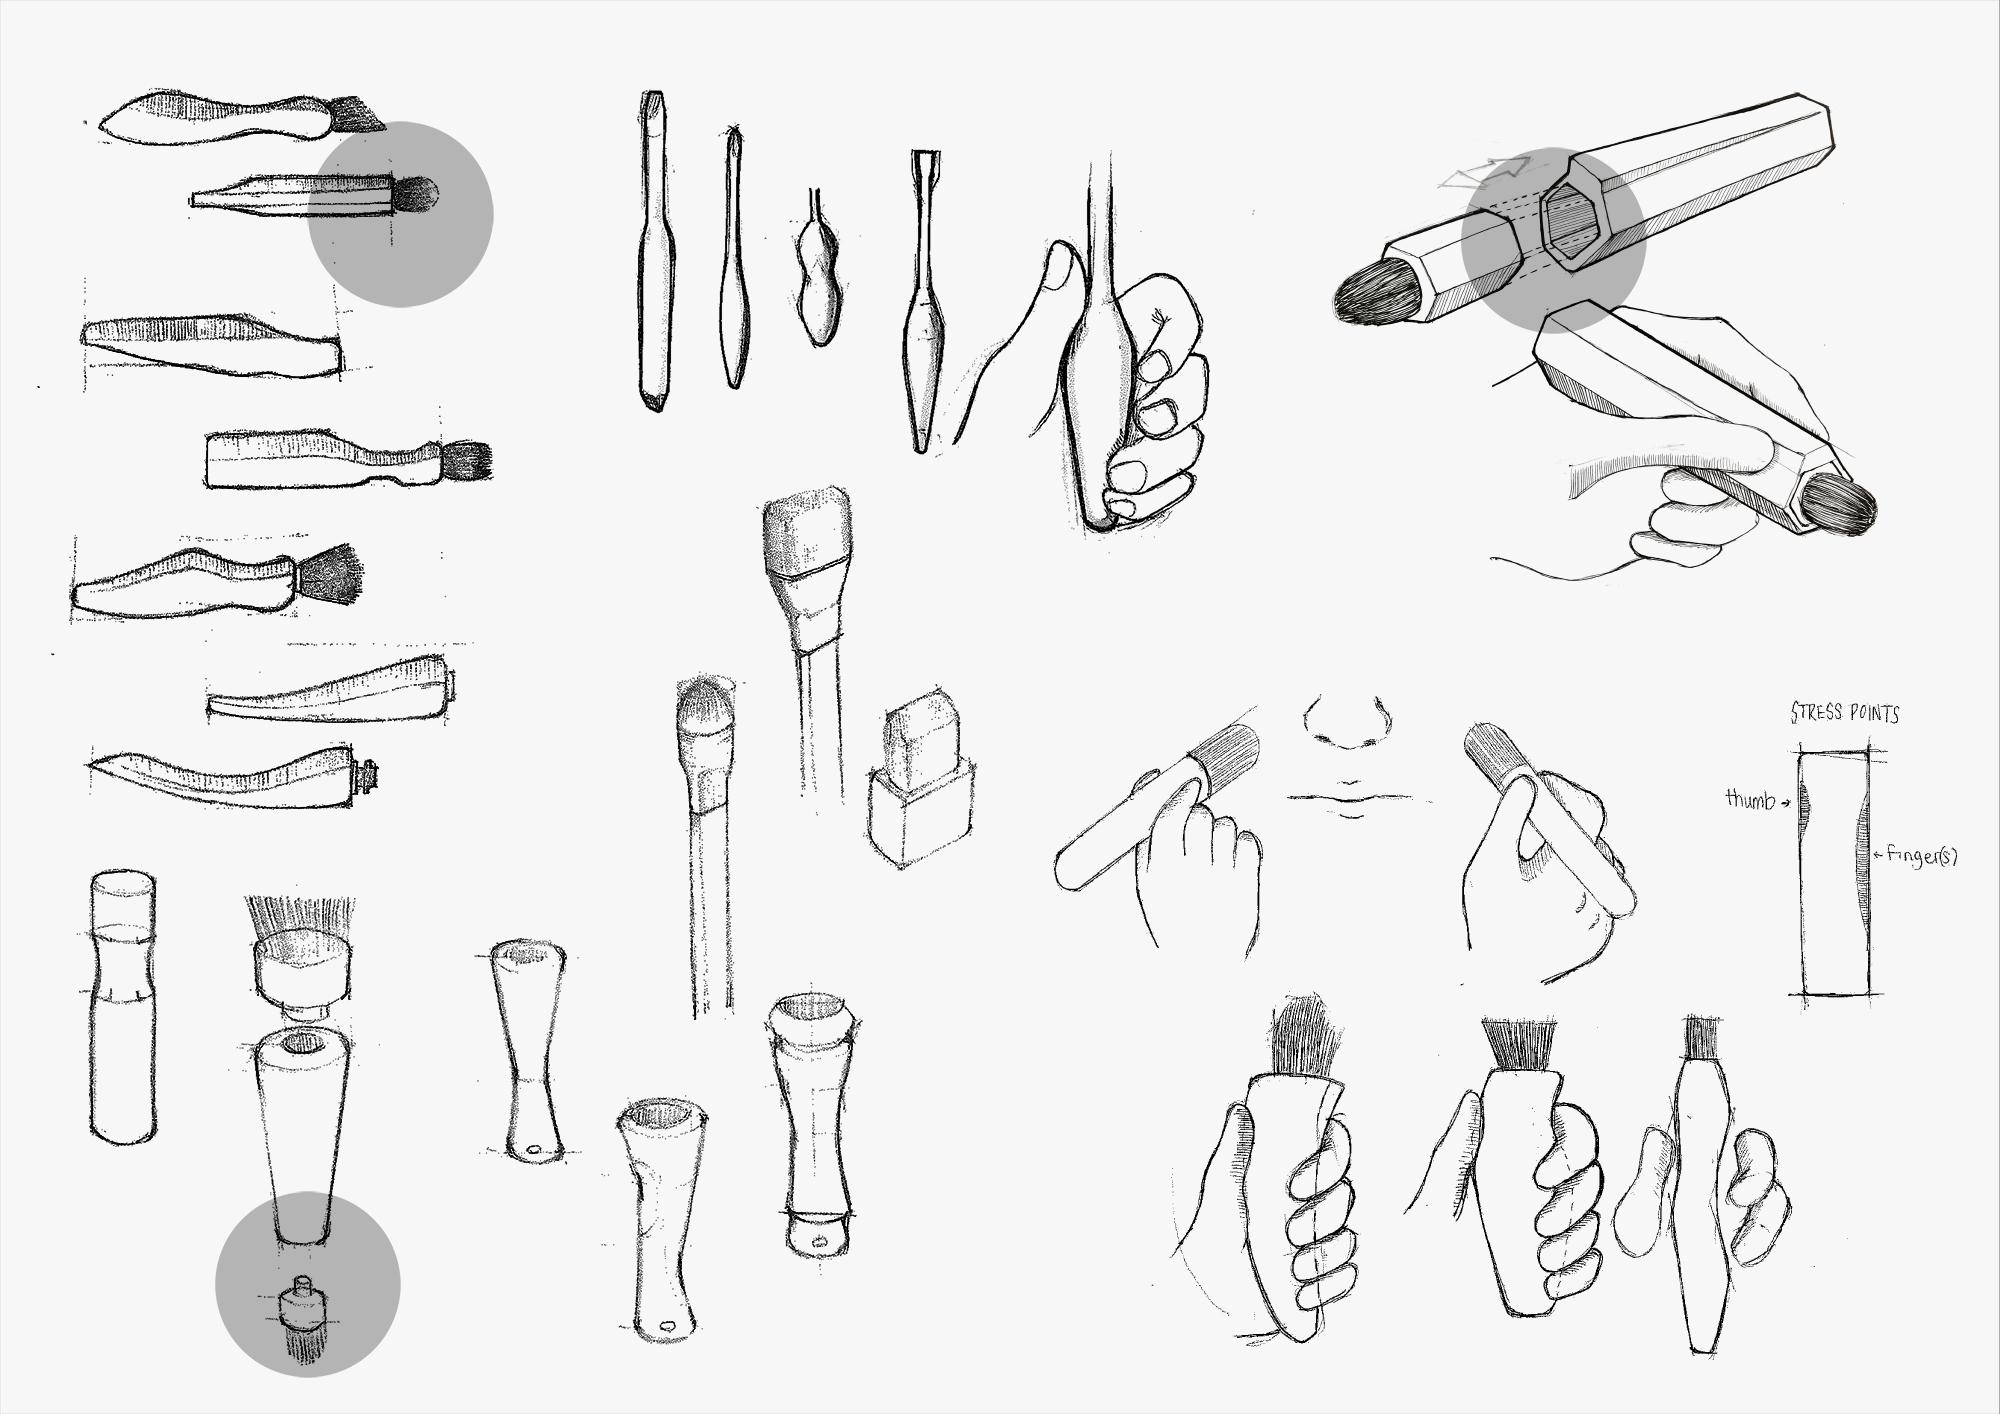 croono-sketch1.jpg